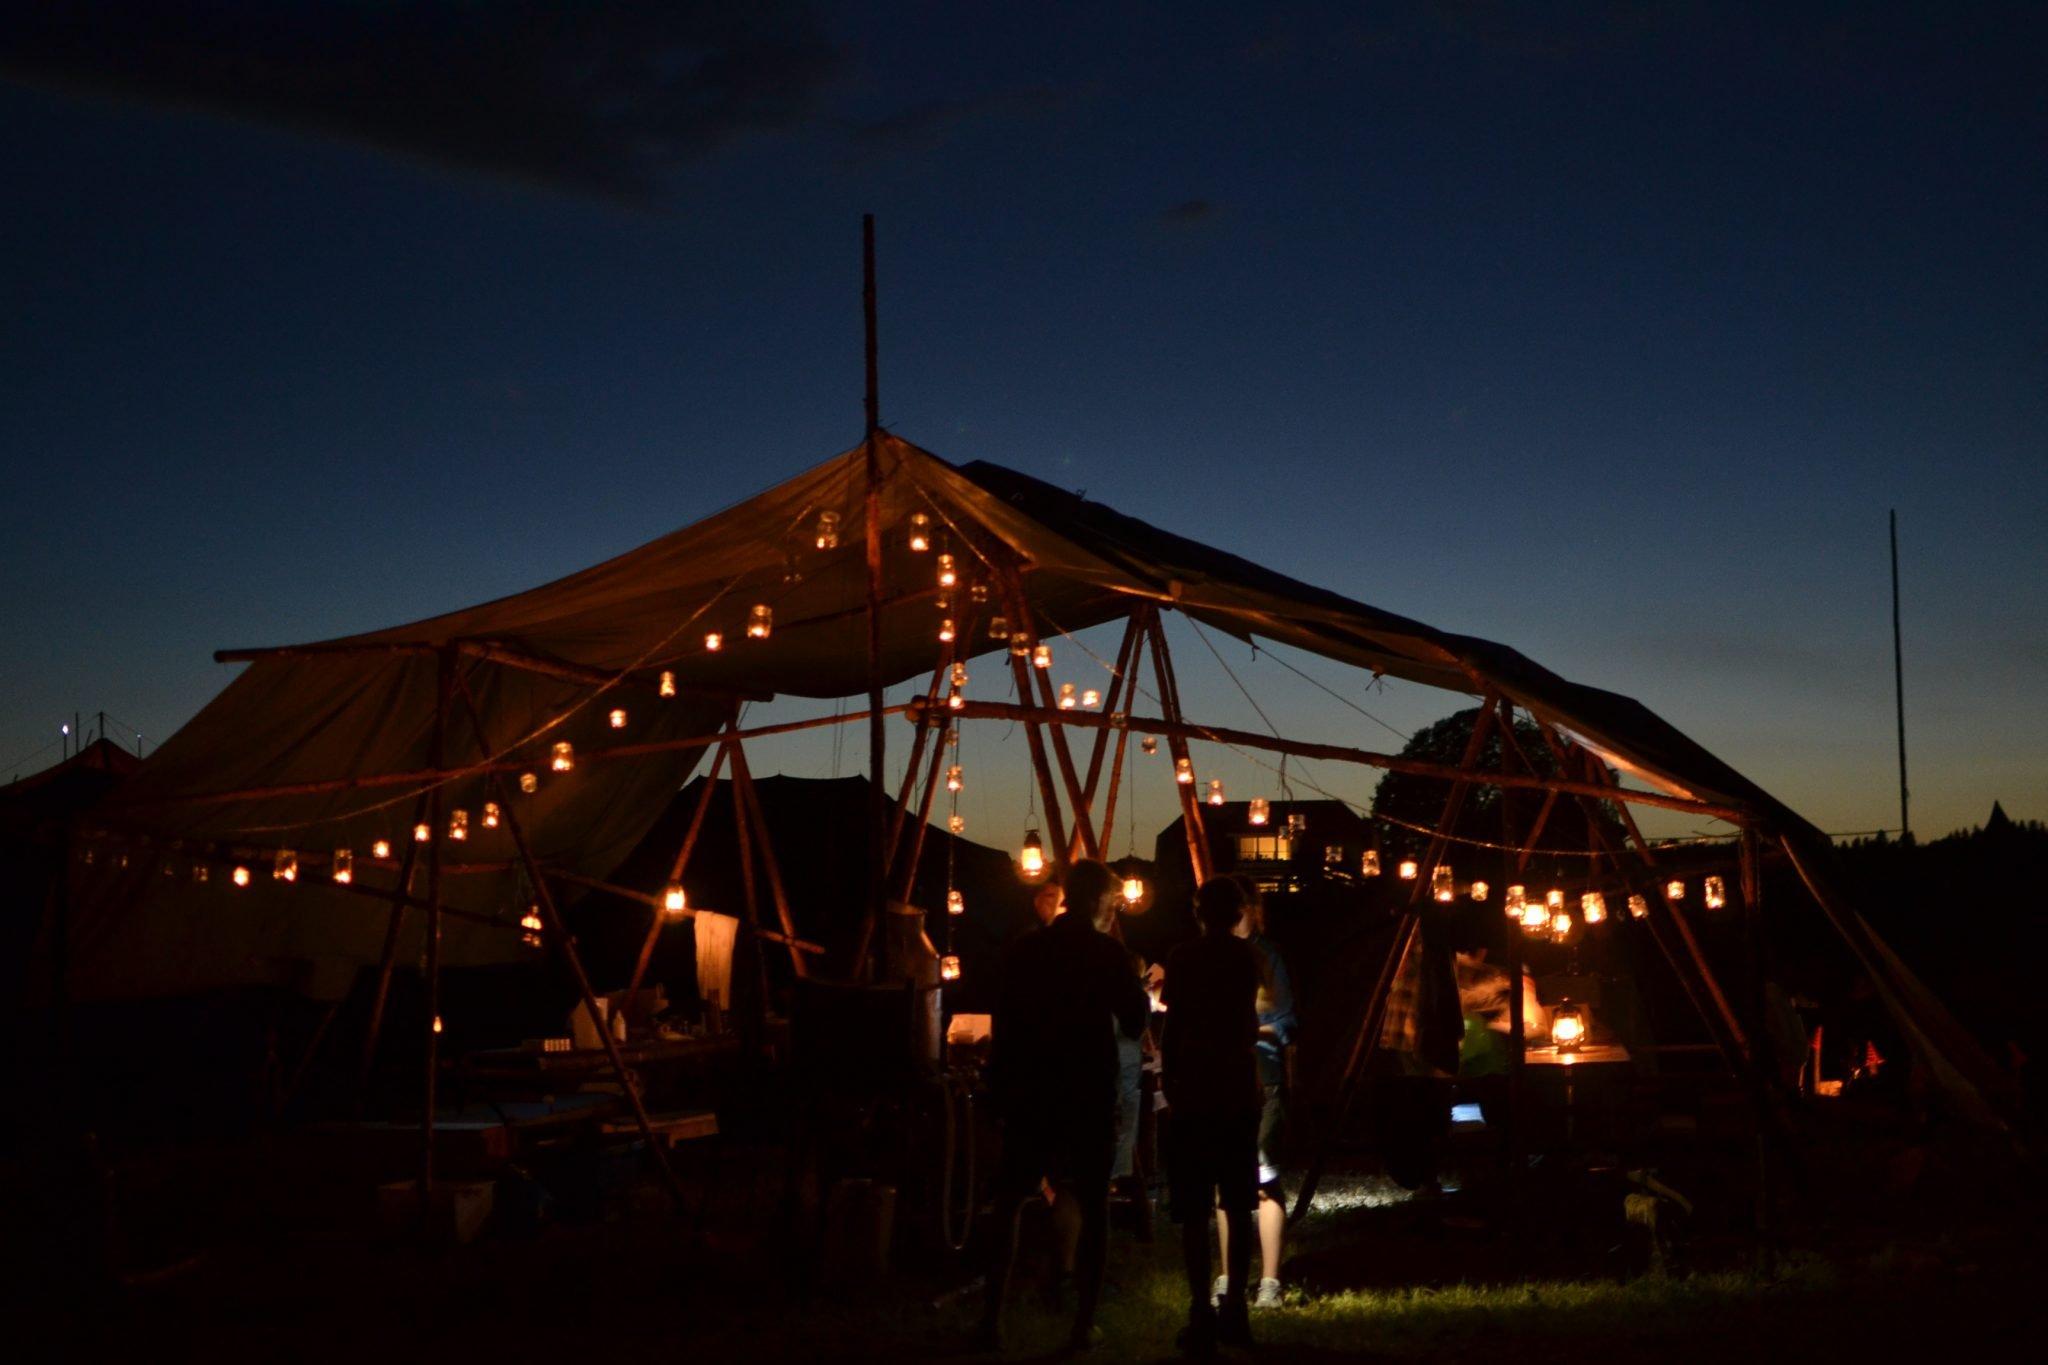 Scoutkök med många ljuslyktor i mörker.